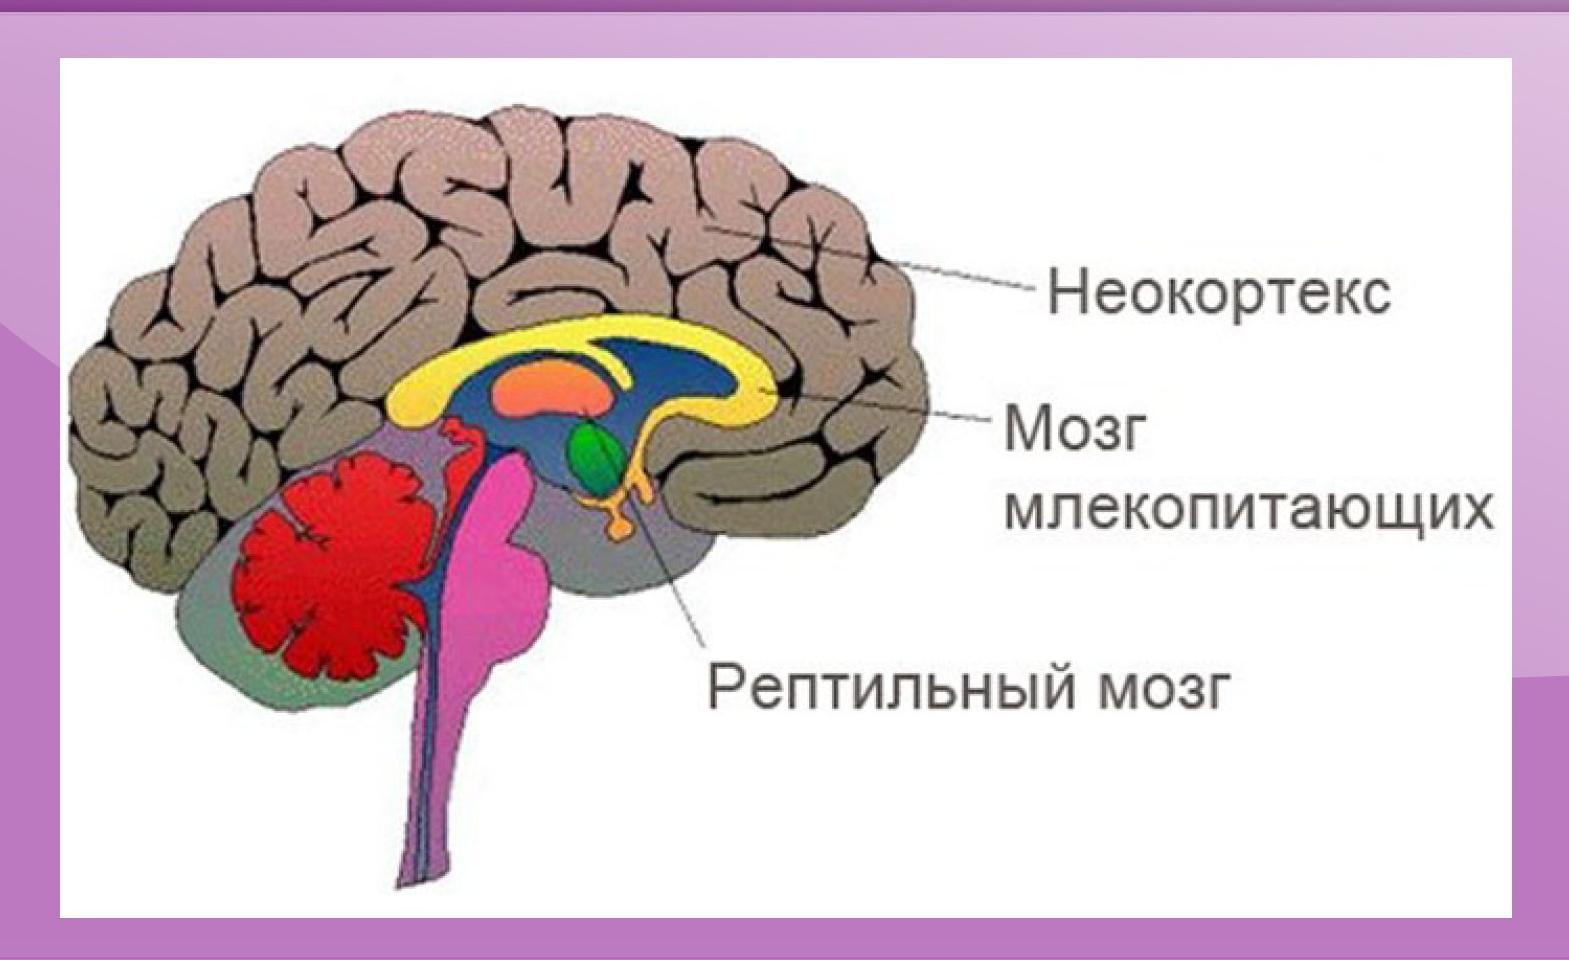 Неокортекс: что это такое